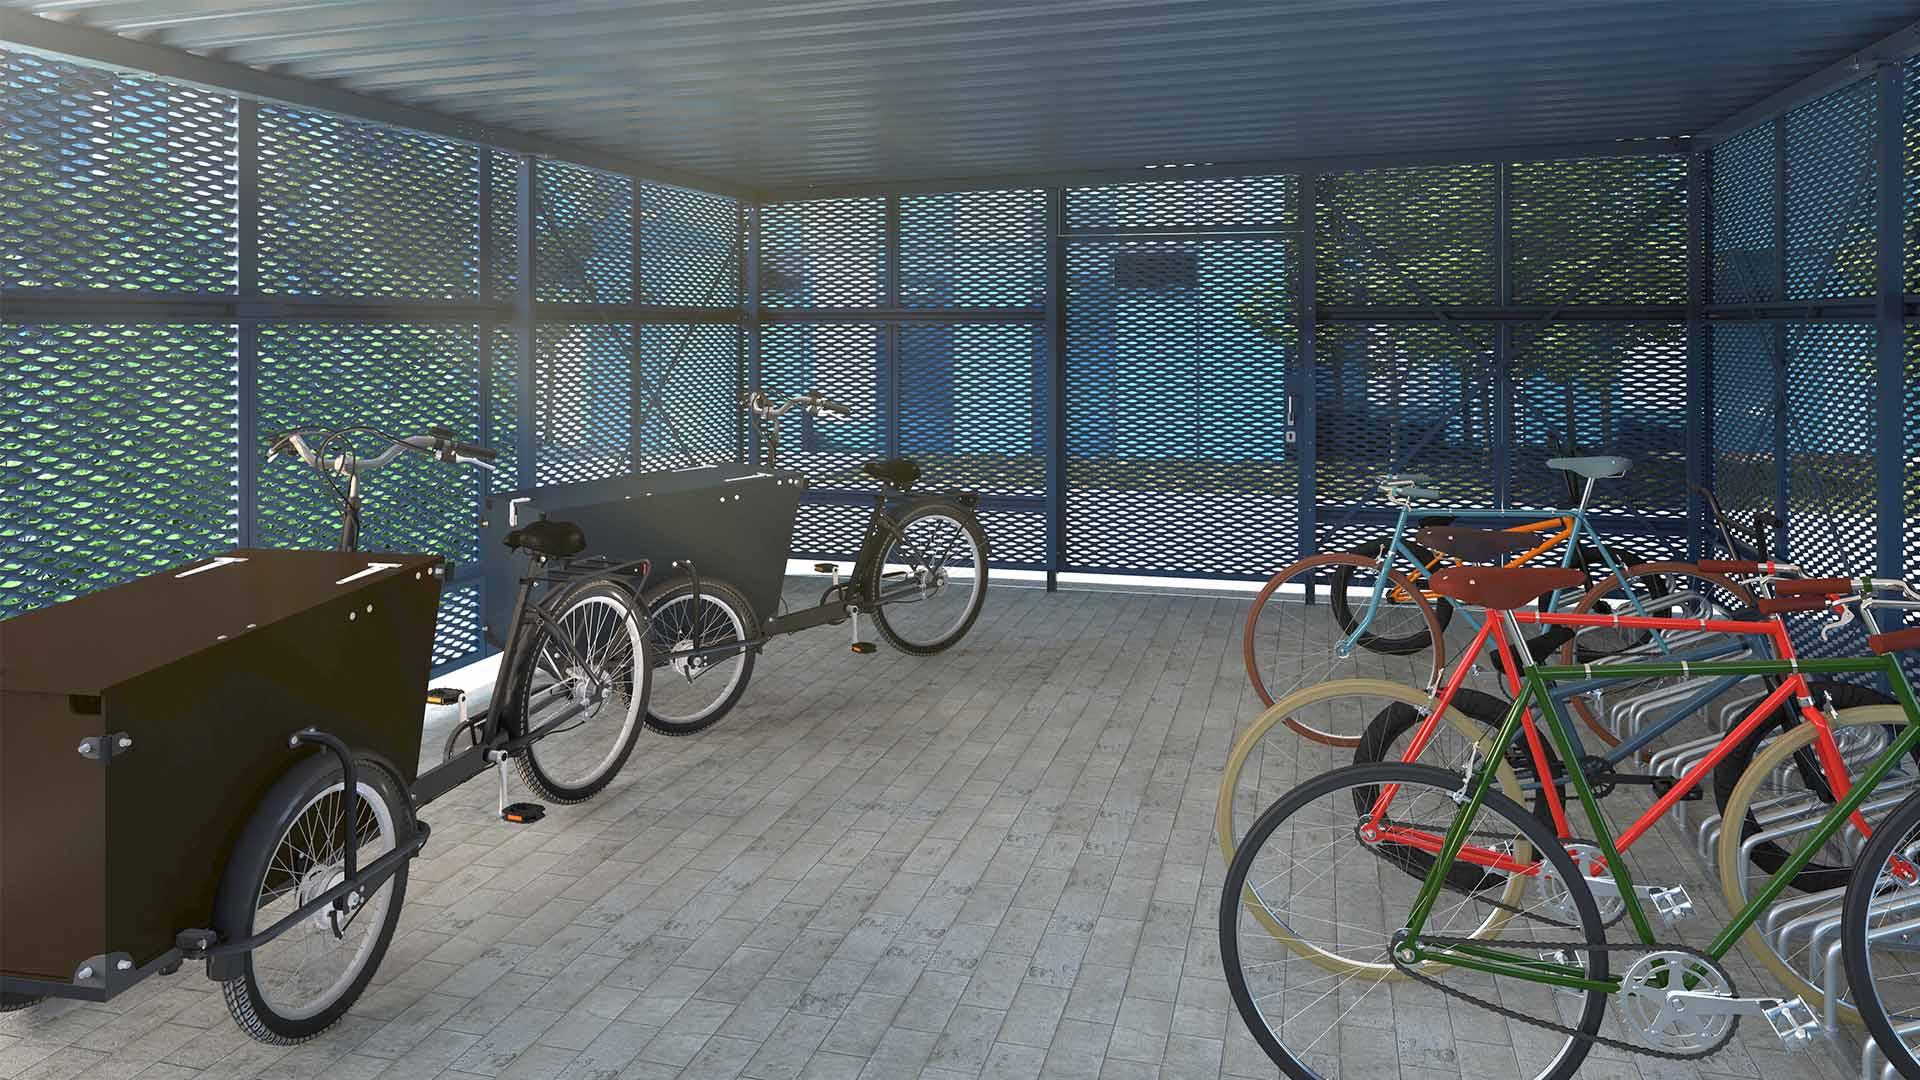 210709_kaeuferle_web_einhausungen_variobox_fahrrad_slide3